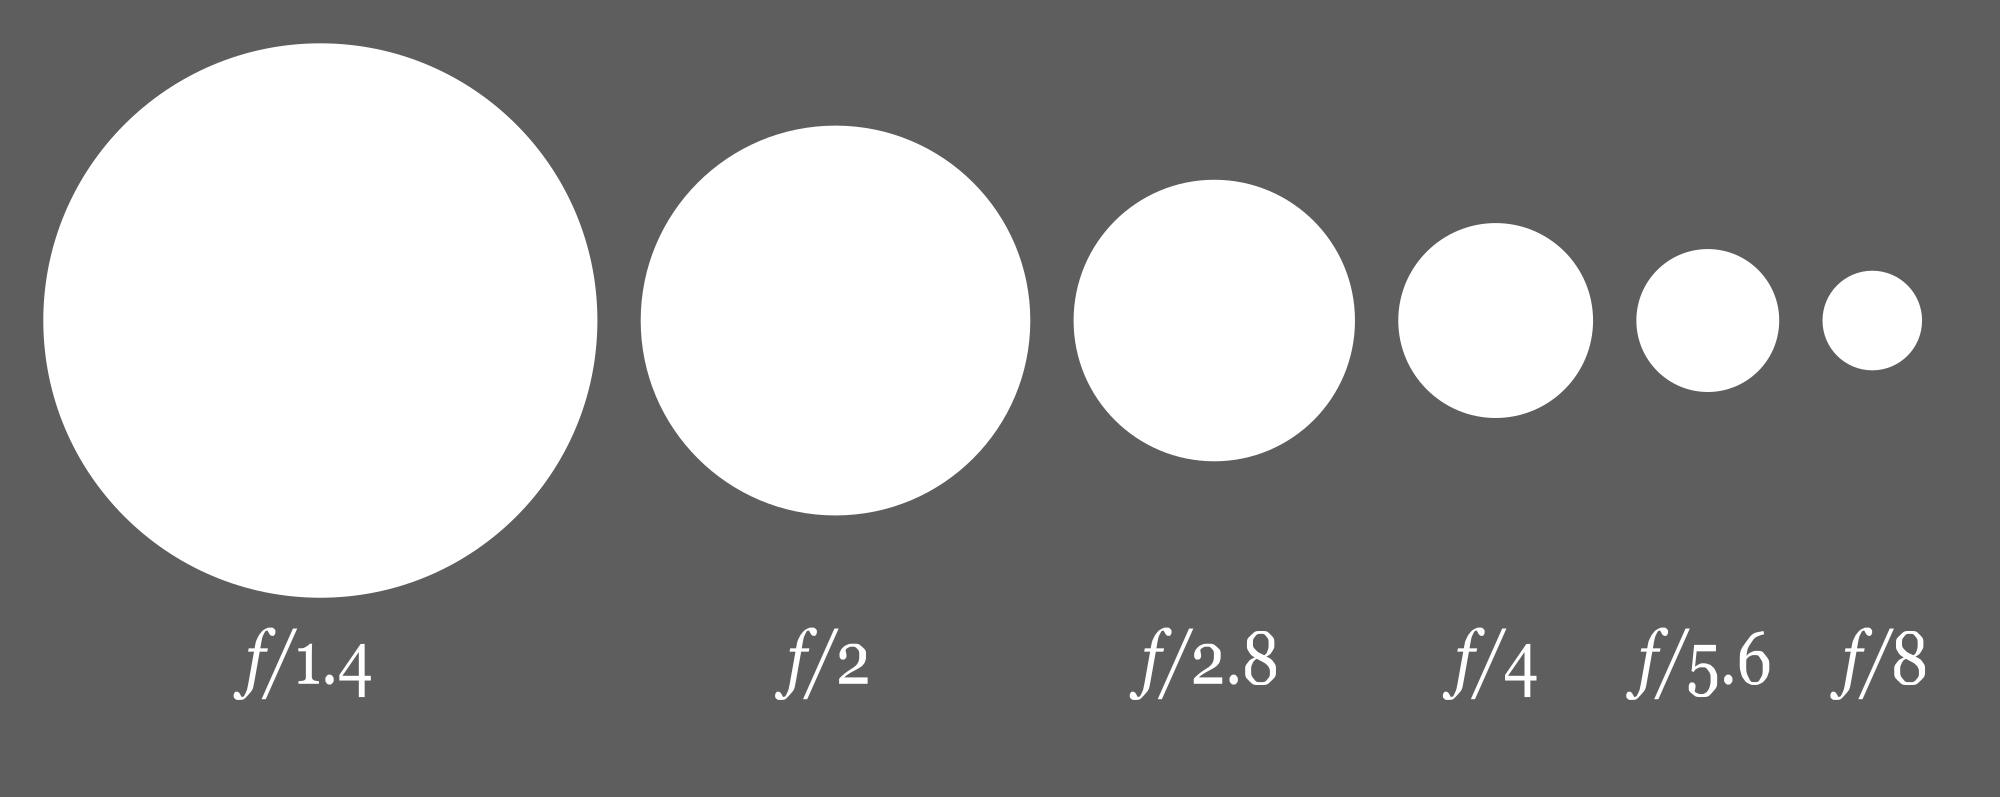 aperture settings diagram